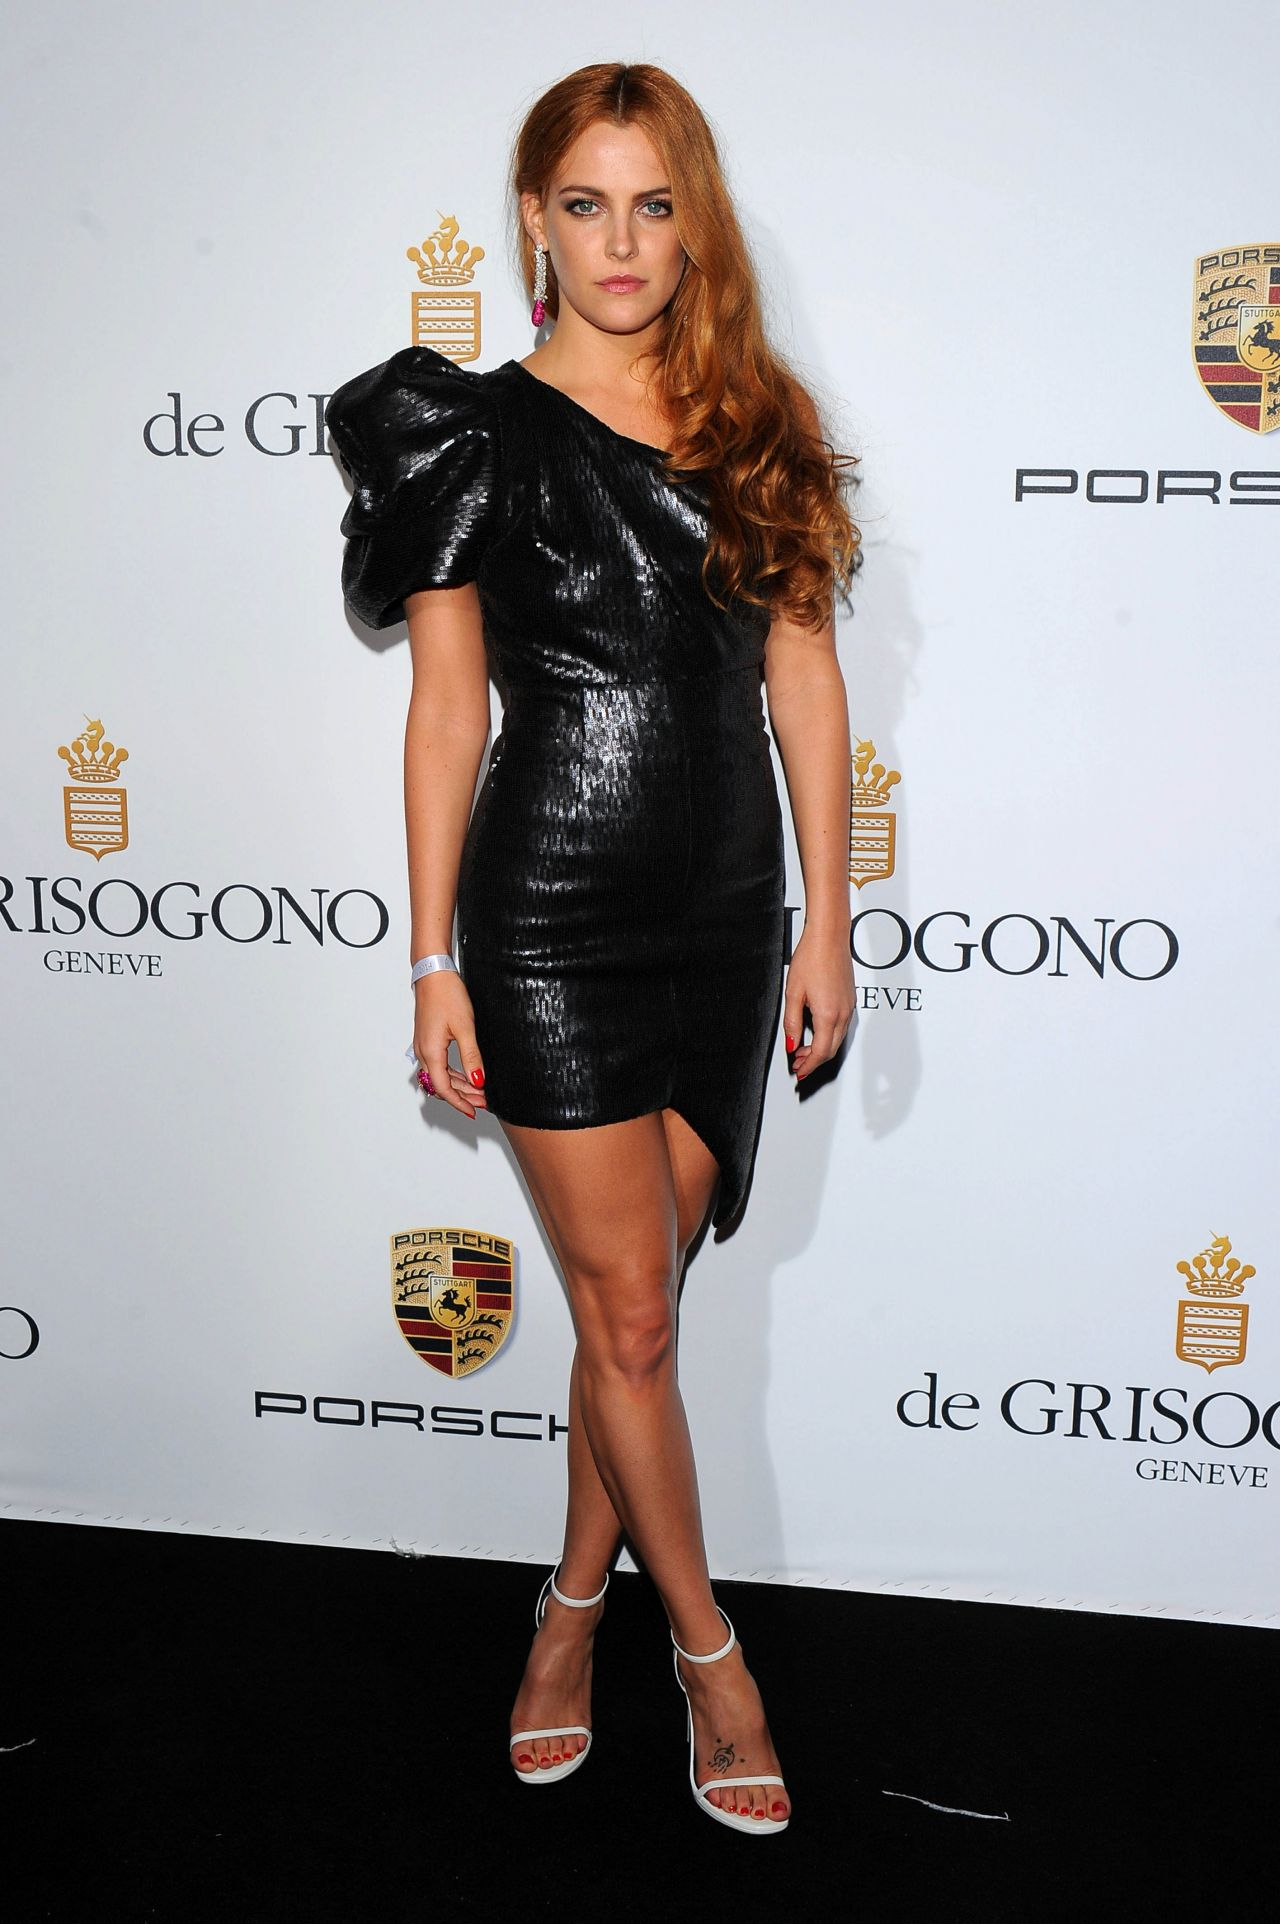 Riley Keough Wearing Saint Laurent Dress – de Grisogono 'Fatale In Cannes' Party – 2014 Cannes Film Festival